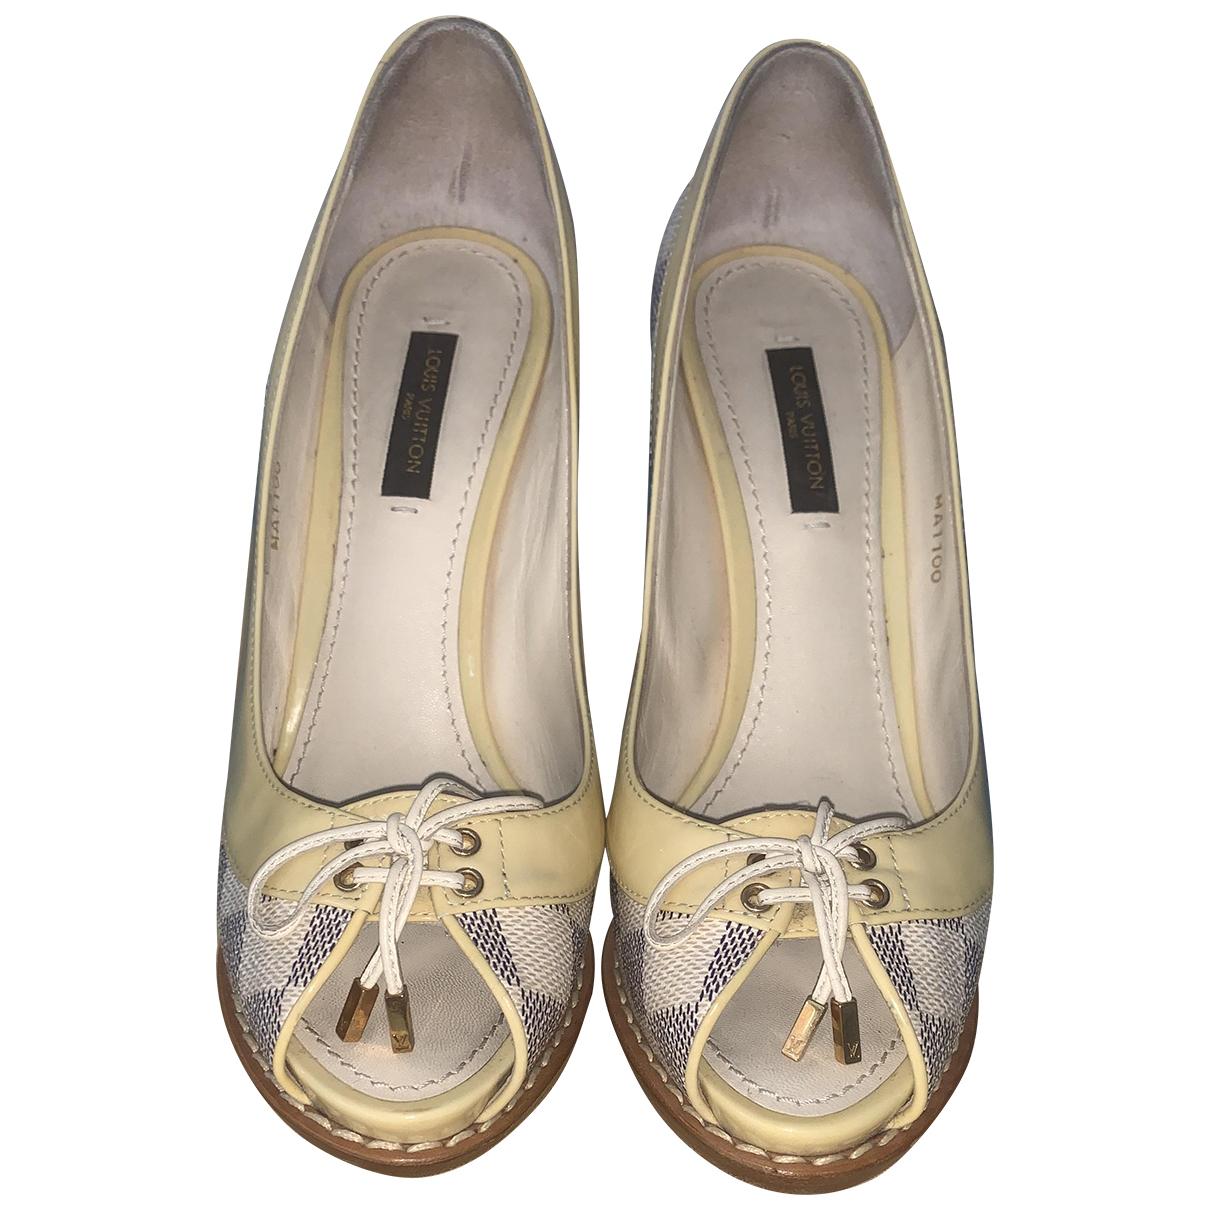 Louis Vuitton - Escarpins Cherie pour femme en toile - beige